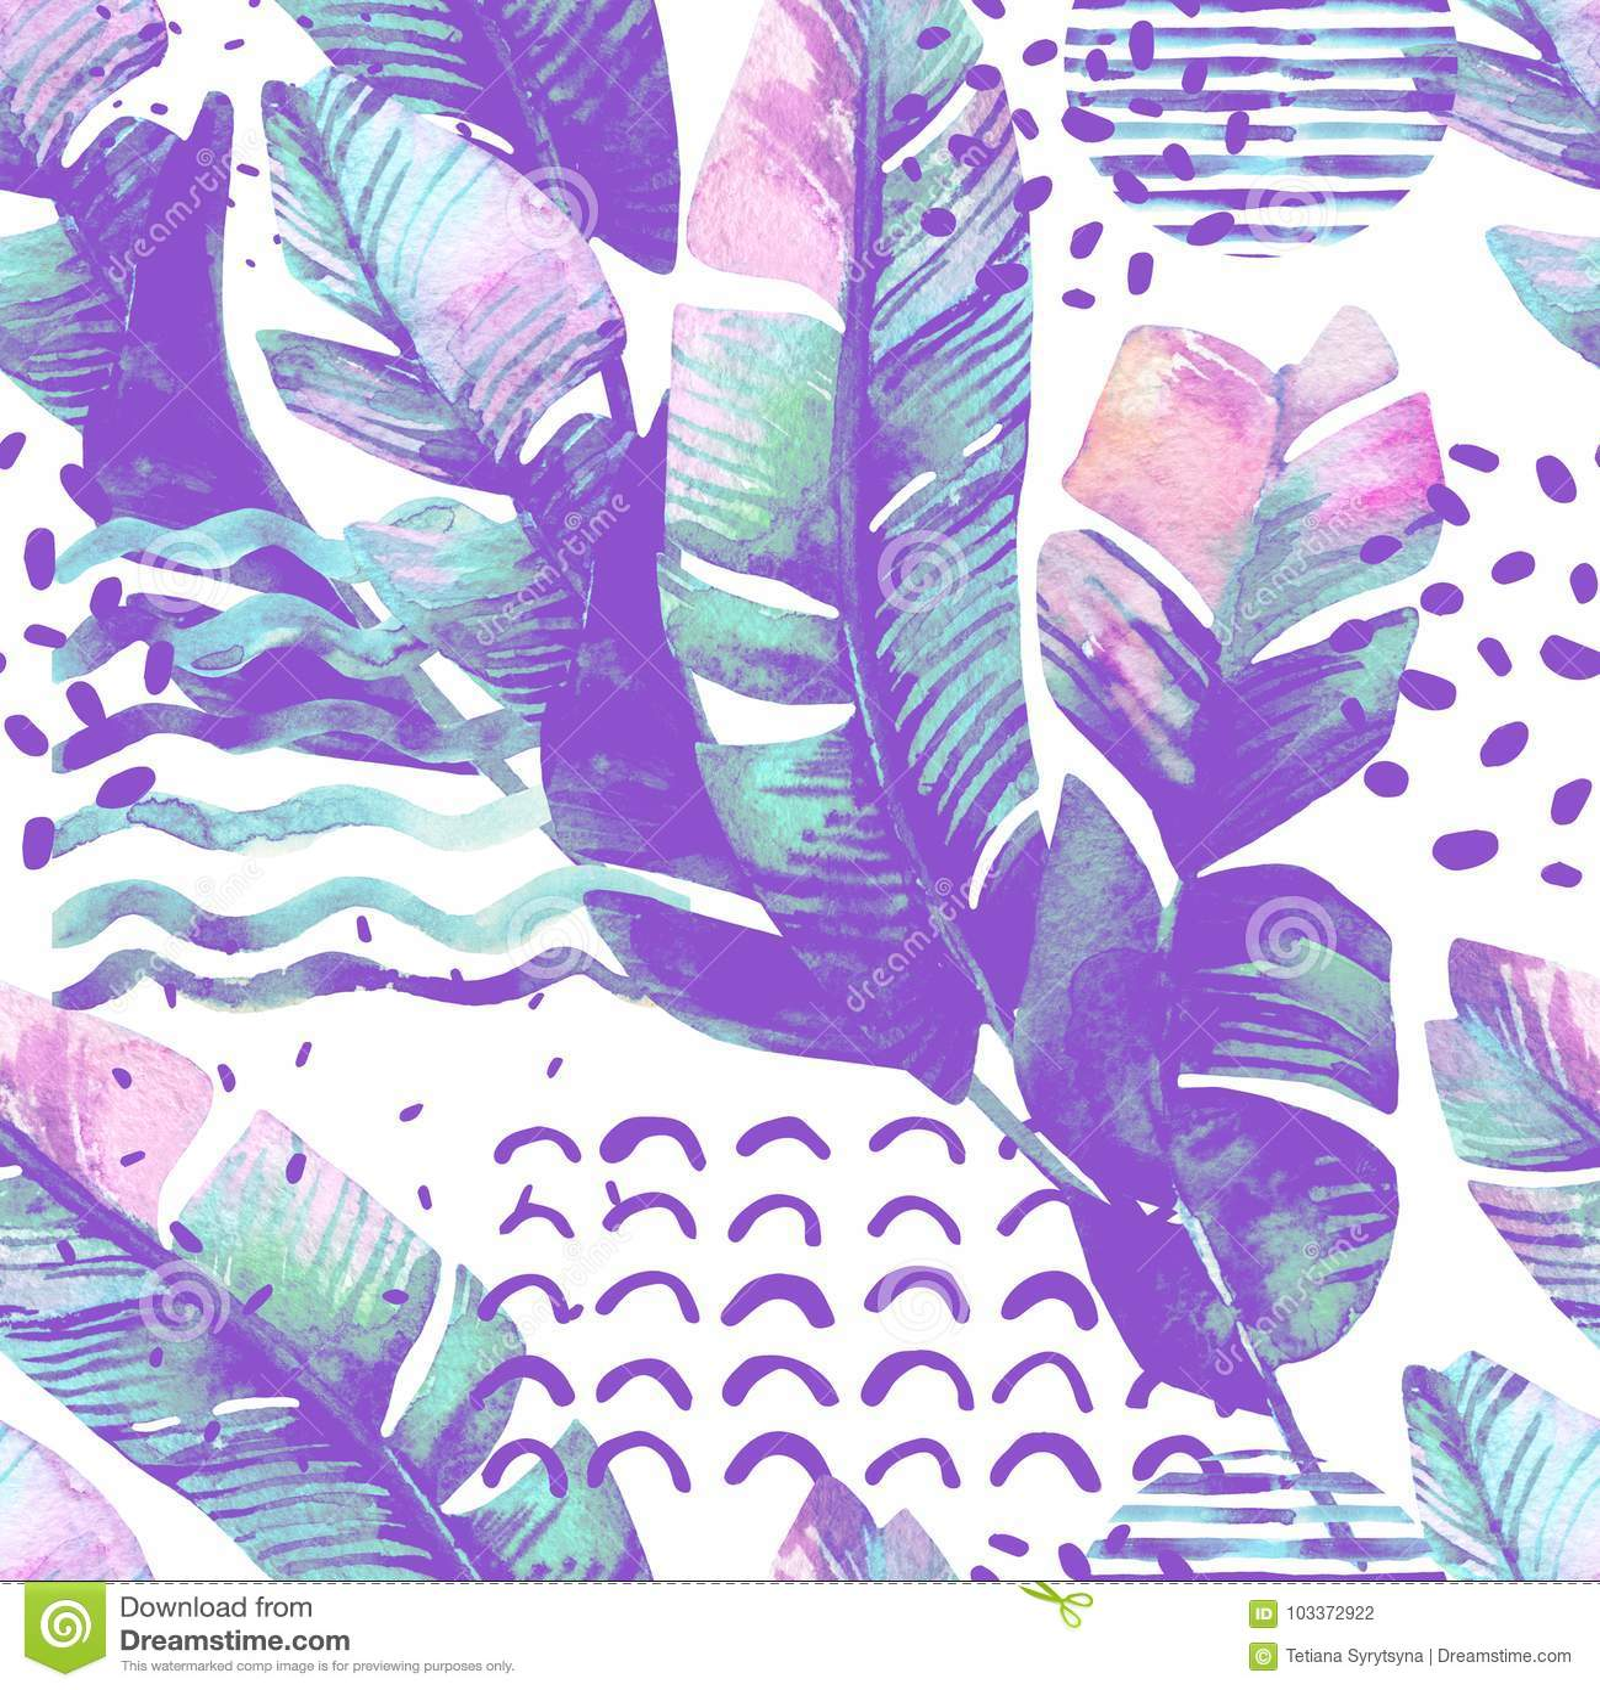 Ilustração com folhas tropicais, garatuja da arte, texturas do grunge, formas geométricas em cores da baunilha